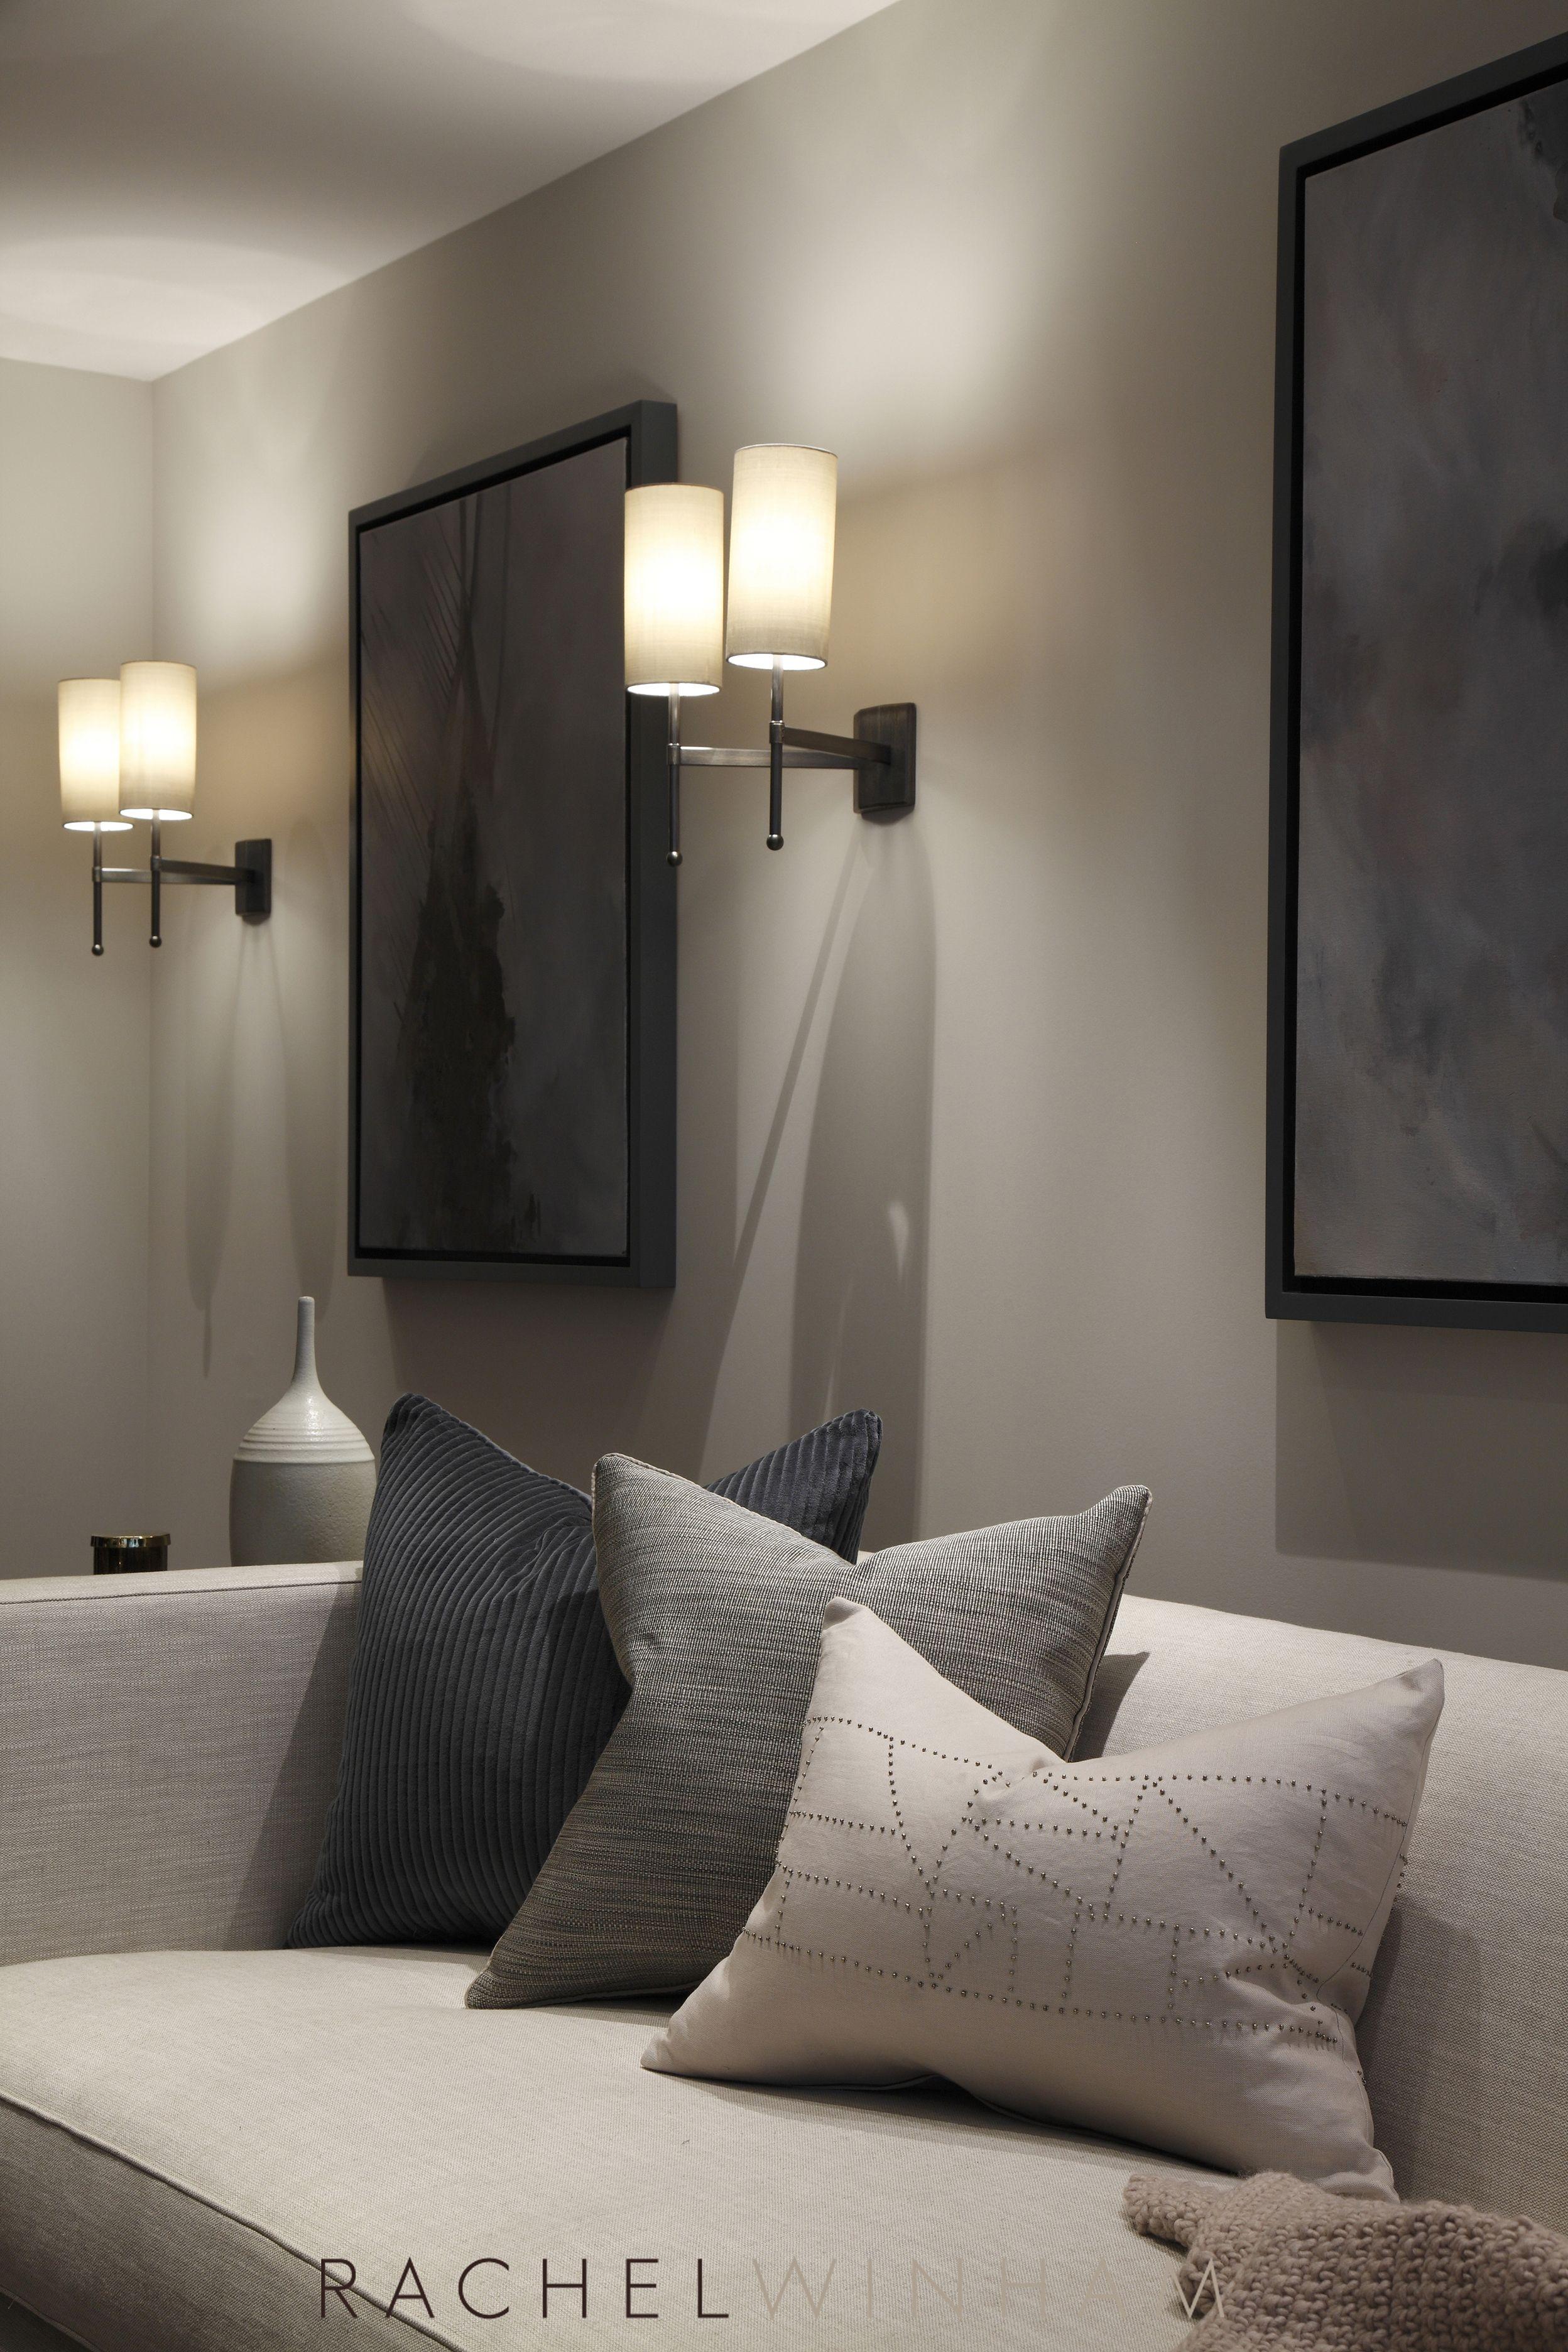 rachel winham interior design cool lighting walls pillows